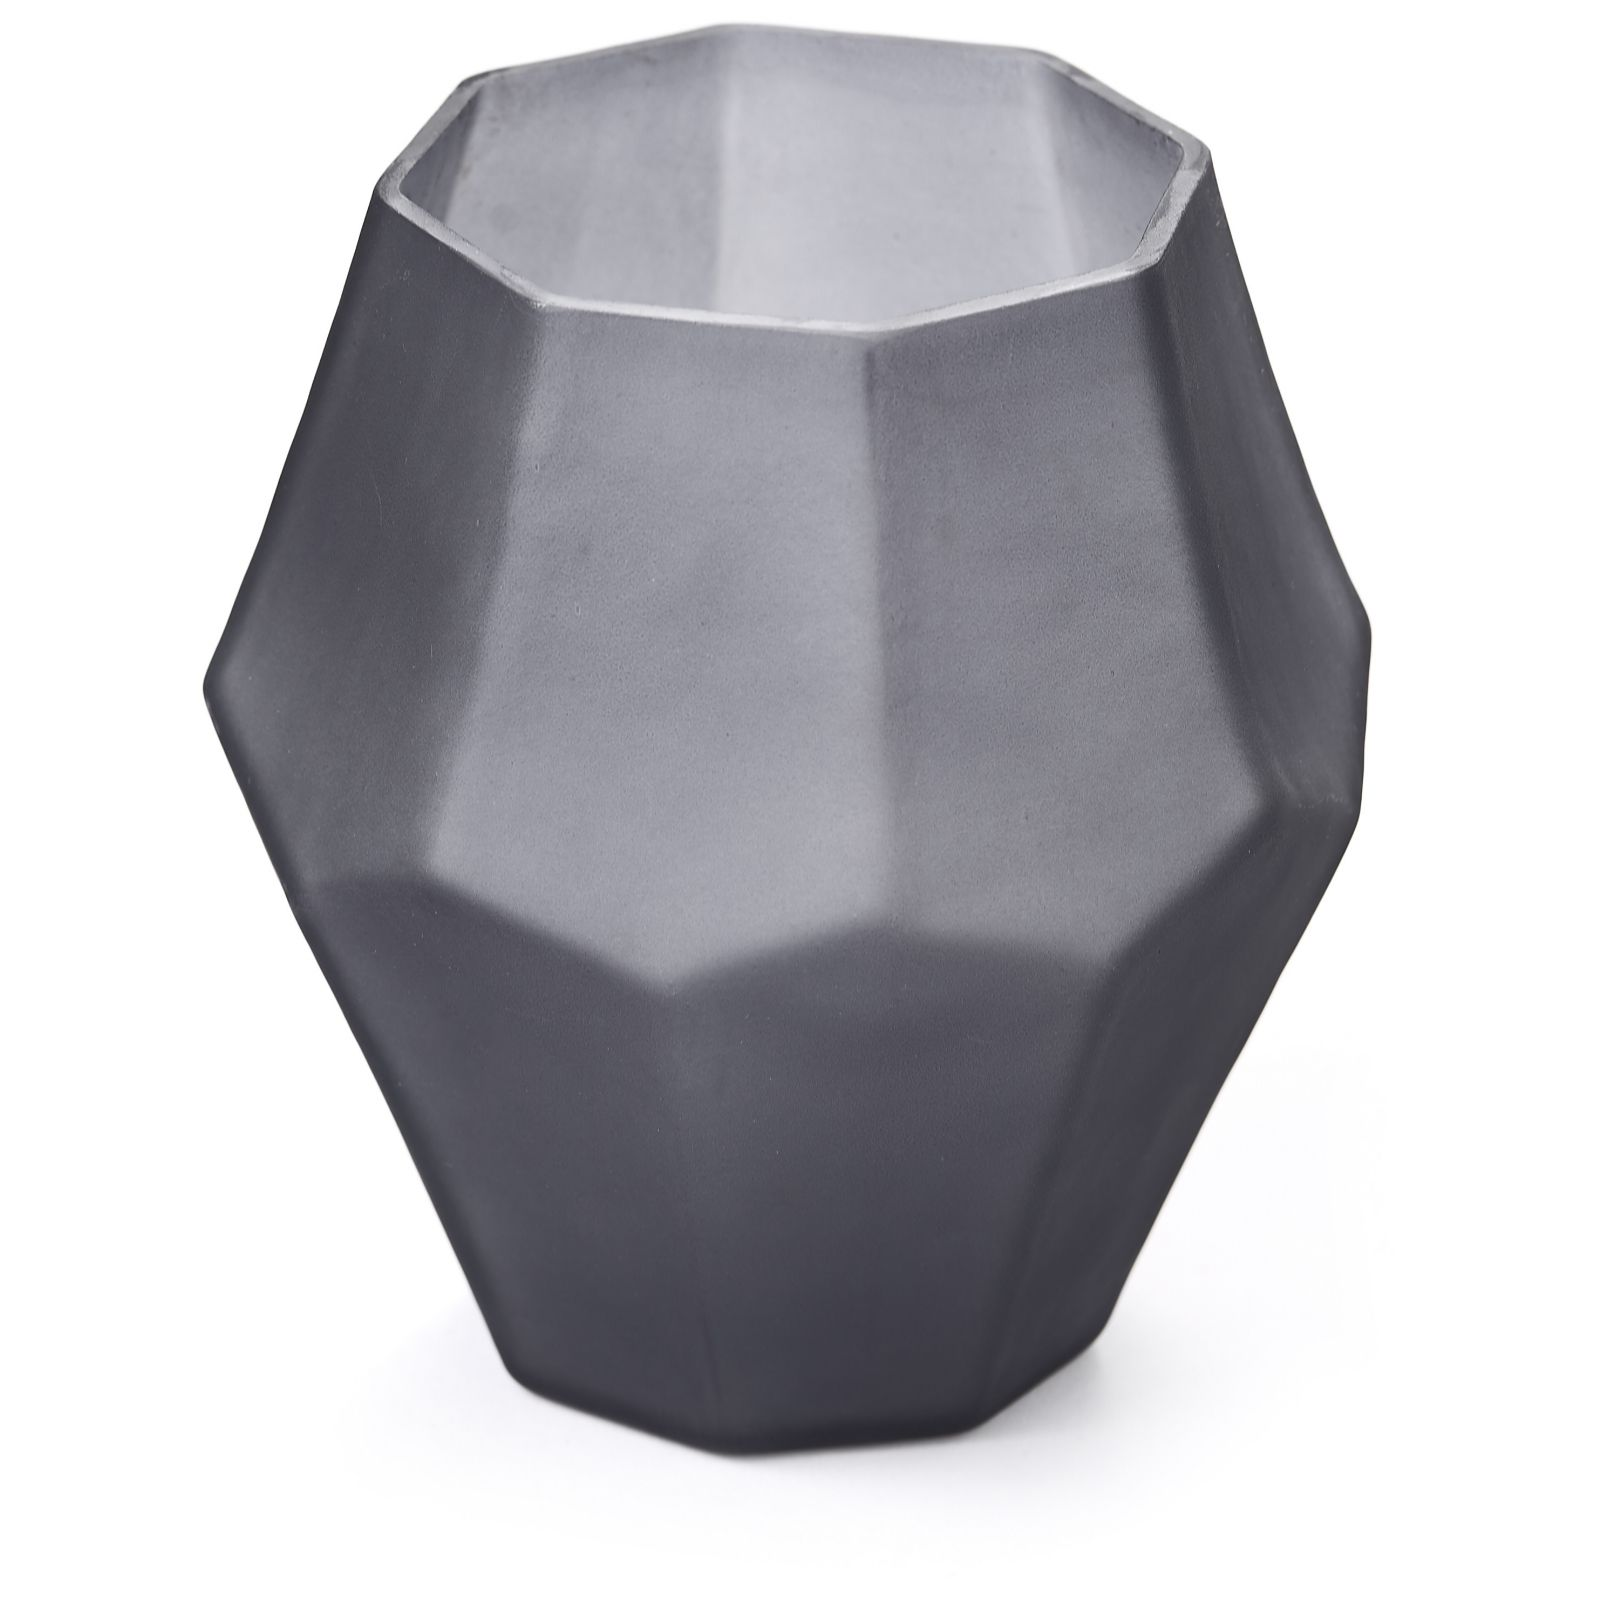 K by kelly hoppen black glass octo vase qvc uk reviewsmspy